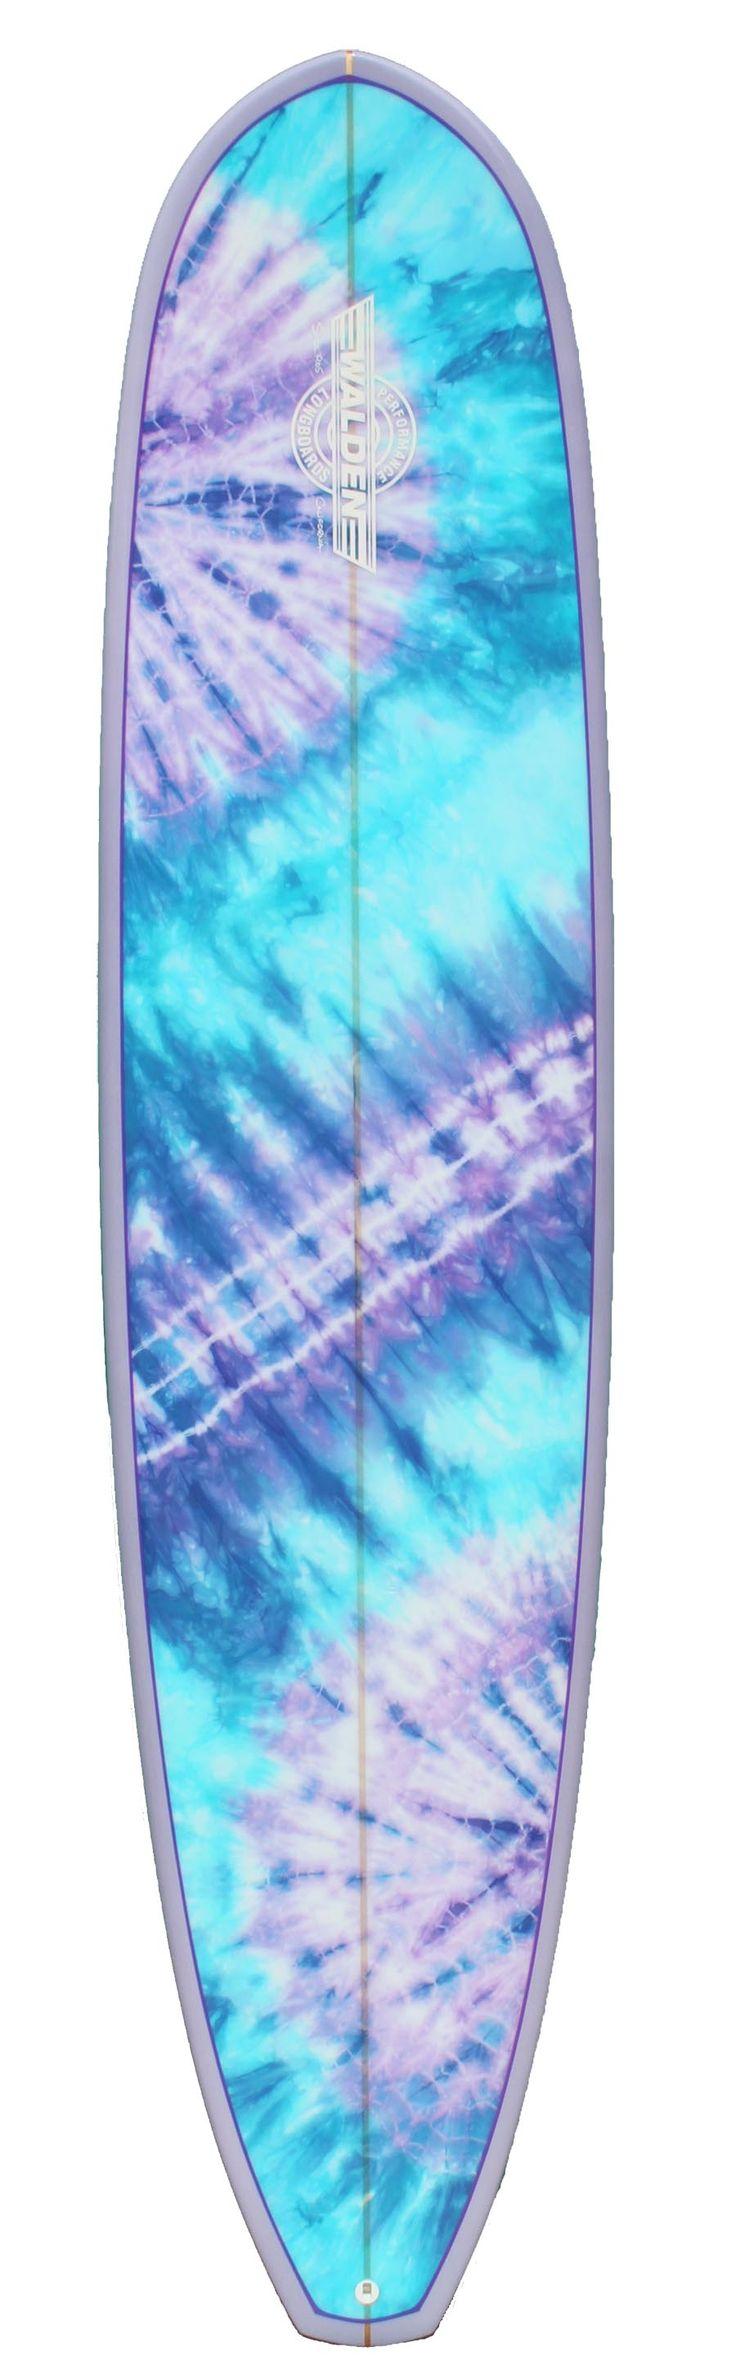 Pastel purple and blue tie dye surfboard